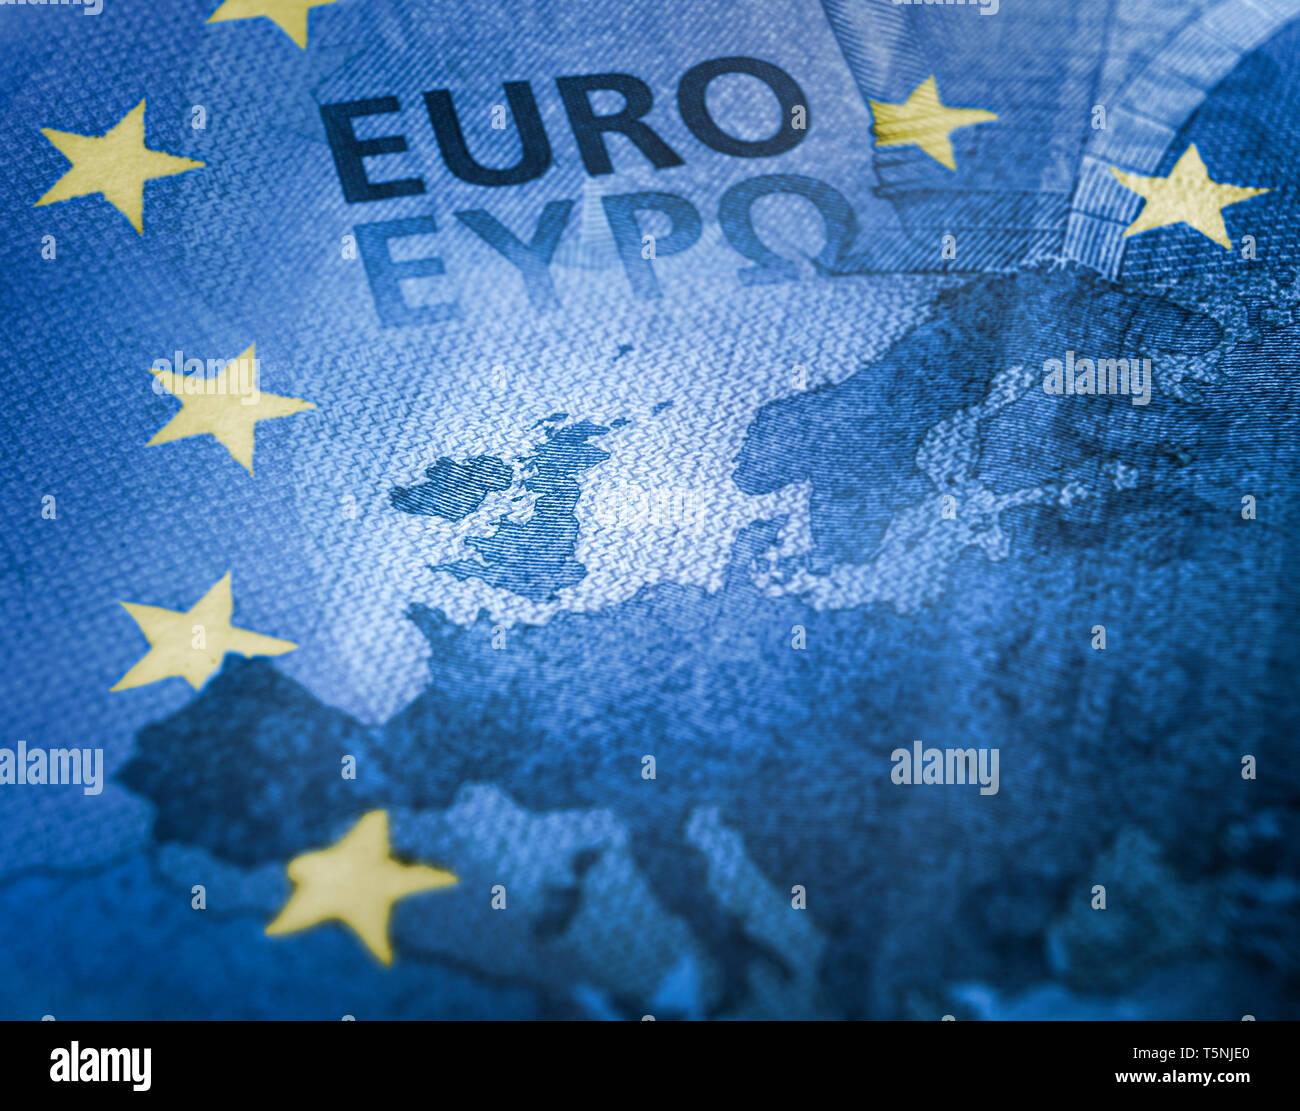 Concepto Brexit. Desenfocado Euro bill cerrar detalle del mapa de Europa con el foco en Gran Bretaña. Los colores de la Unión Europea bandera con estrellas amarillas Imagen De Stock